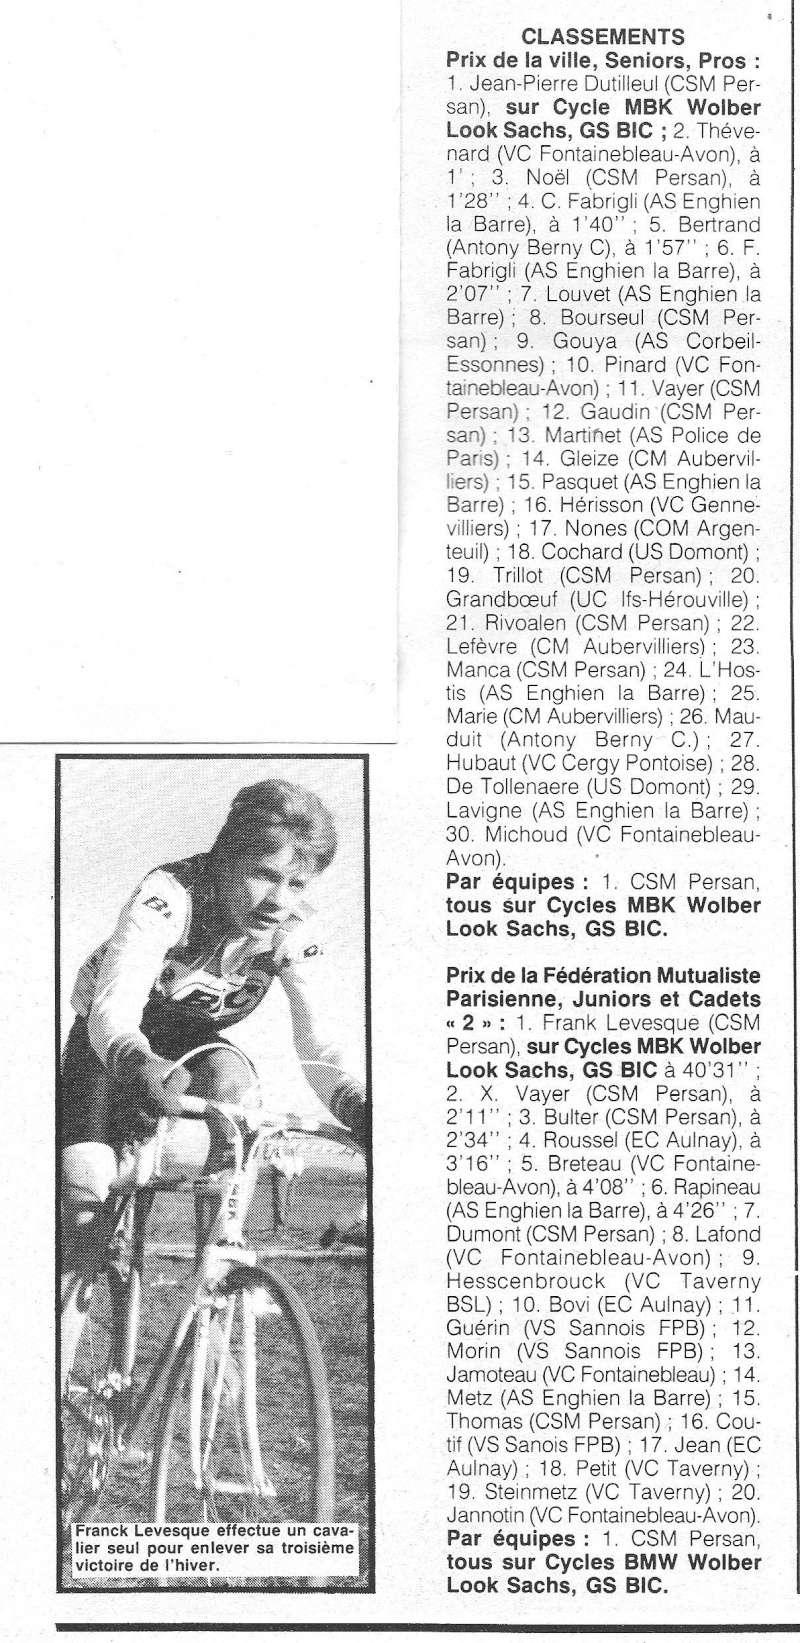 CSM.Persan. BIC. Toute une époque de janvier 1984 à janvier 1990 - Page 35 1989_173